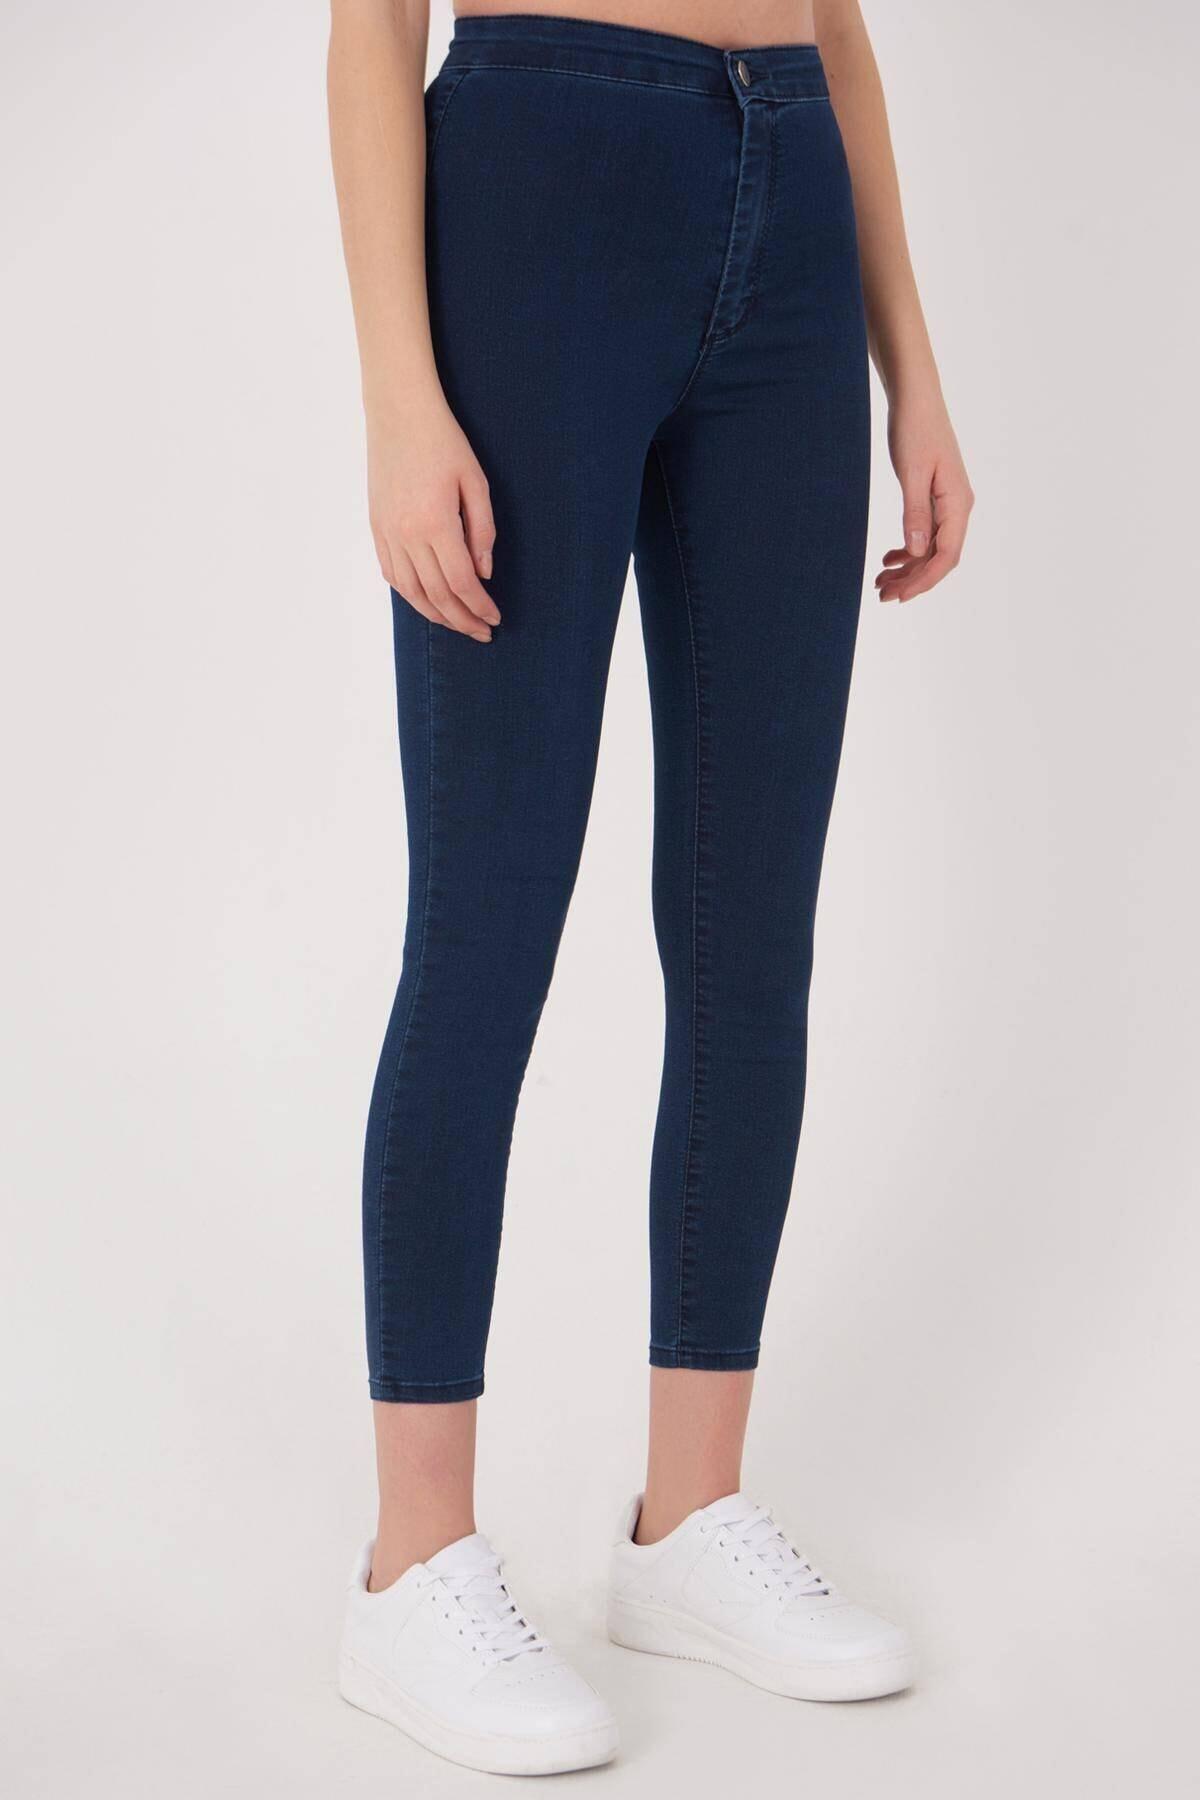 Addax Kadın Koyu Kot Rengi Yüksek Bel Pantolon Pn10915 - G8Pnn Adx-0000013630 1